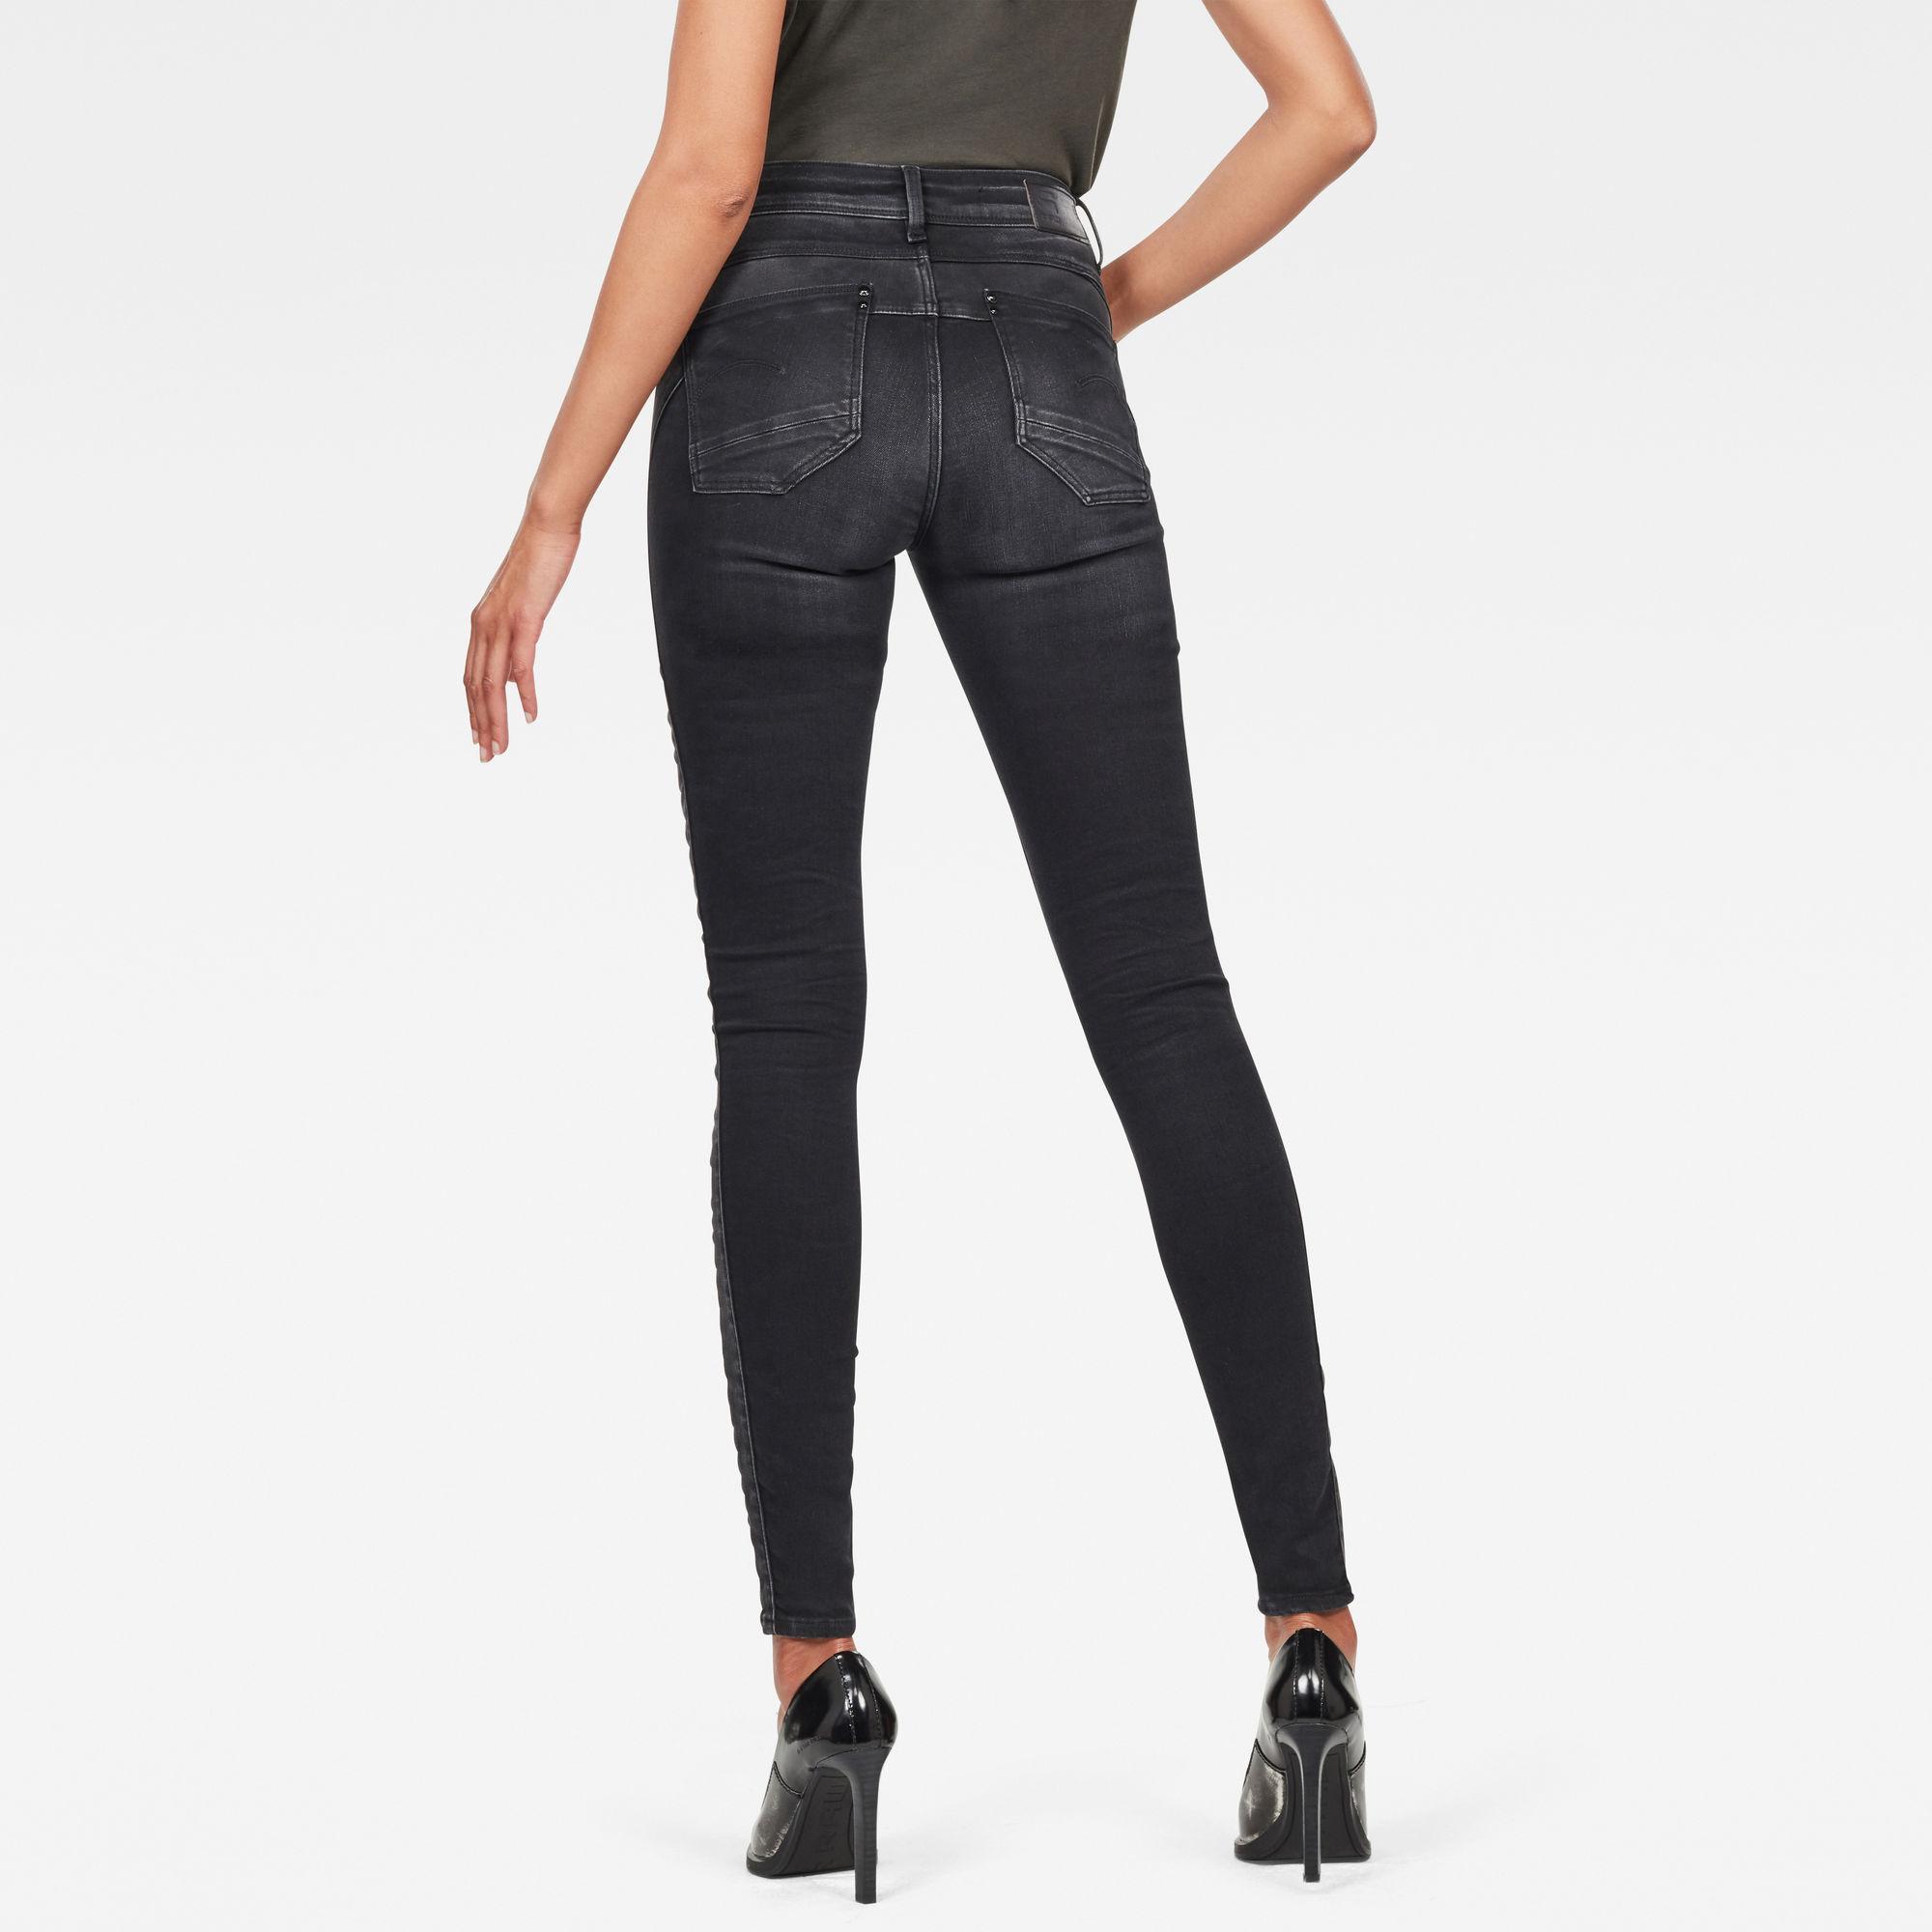 Ashtix High Super Skinny Jeans